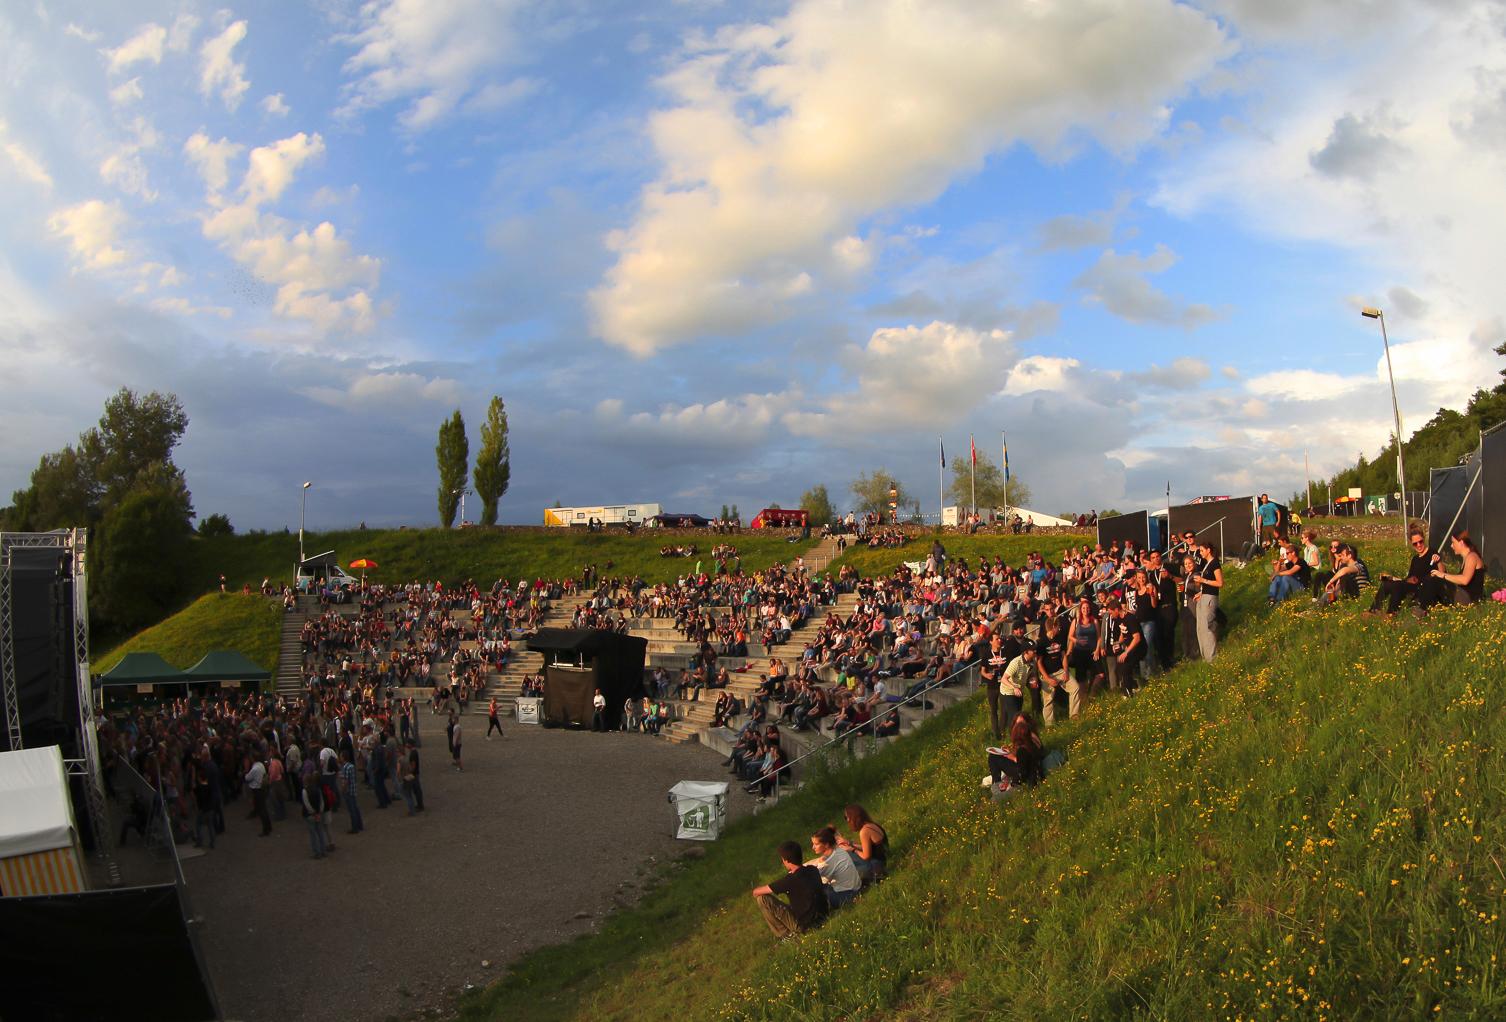 Amphitheater, 2014